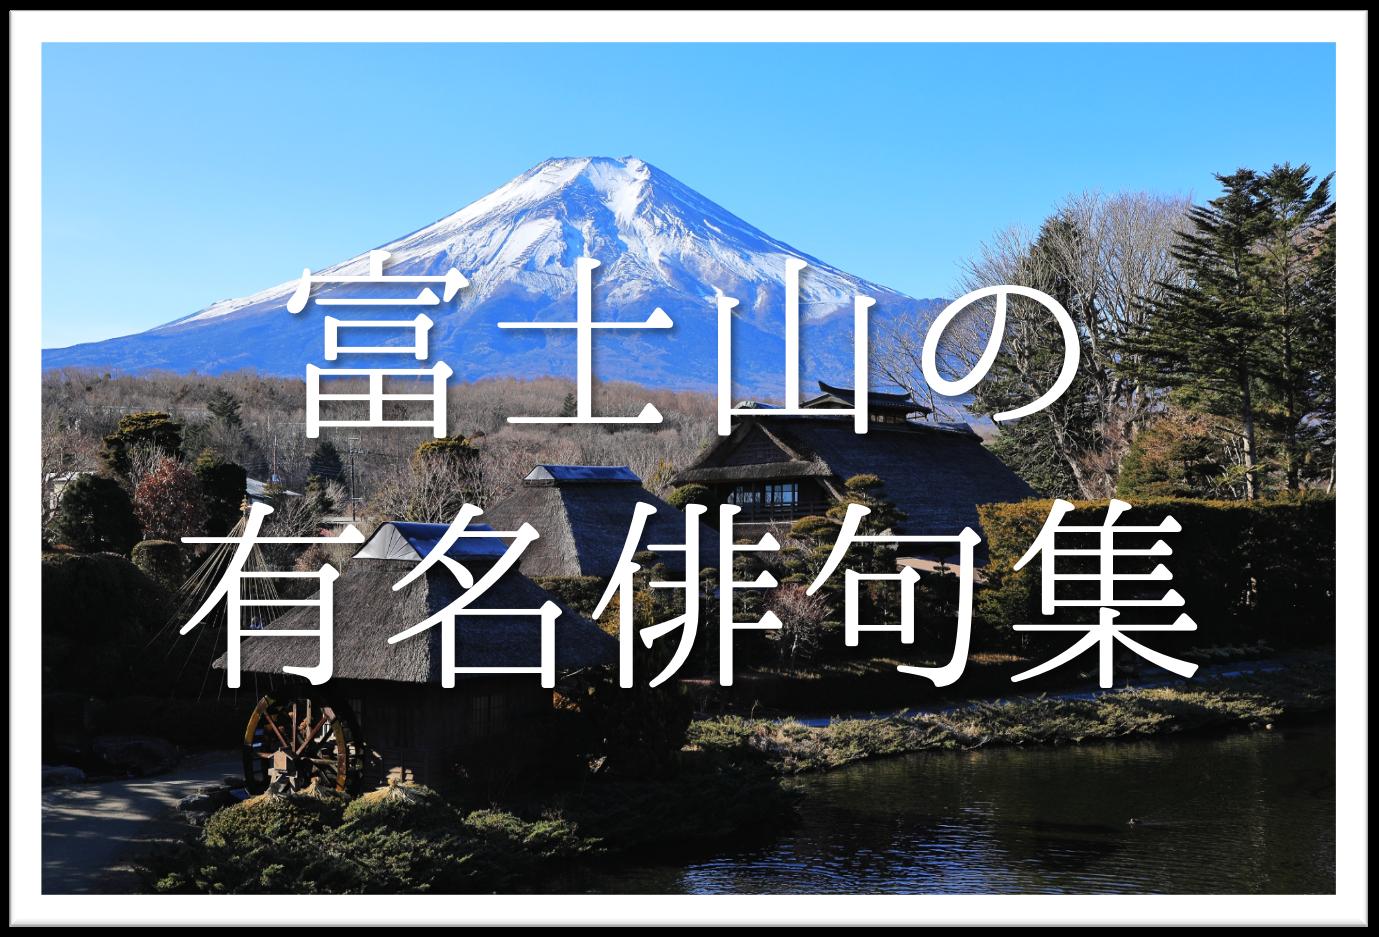 【富士山の有名俳句 20選】知っておきたい!!季語を含んだおすすめ俳句を紹介!